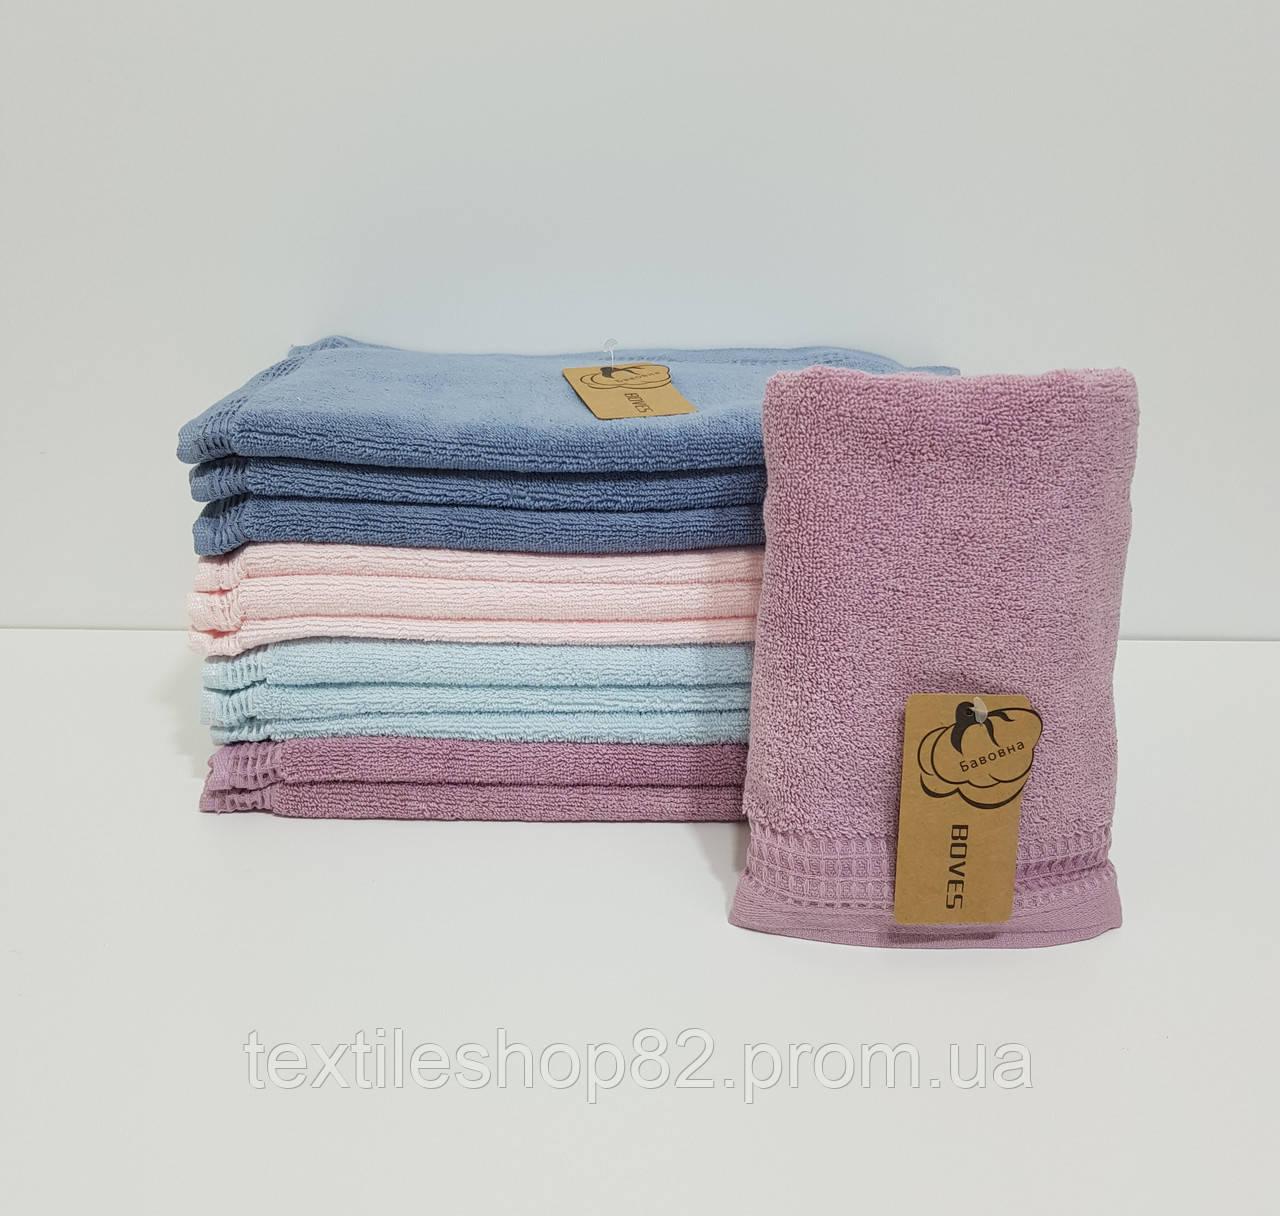 Кухонные махровые полотенца краски для ткани пвх купить